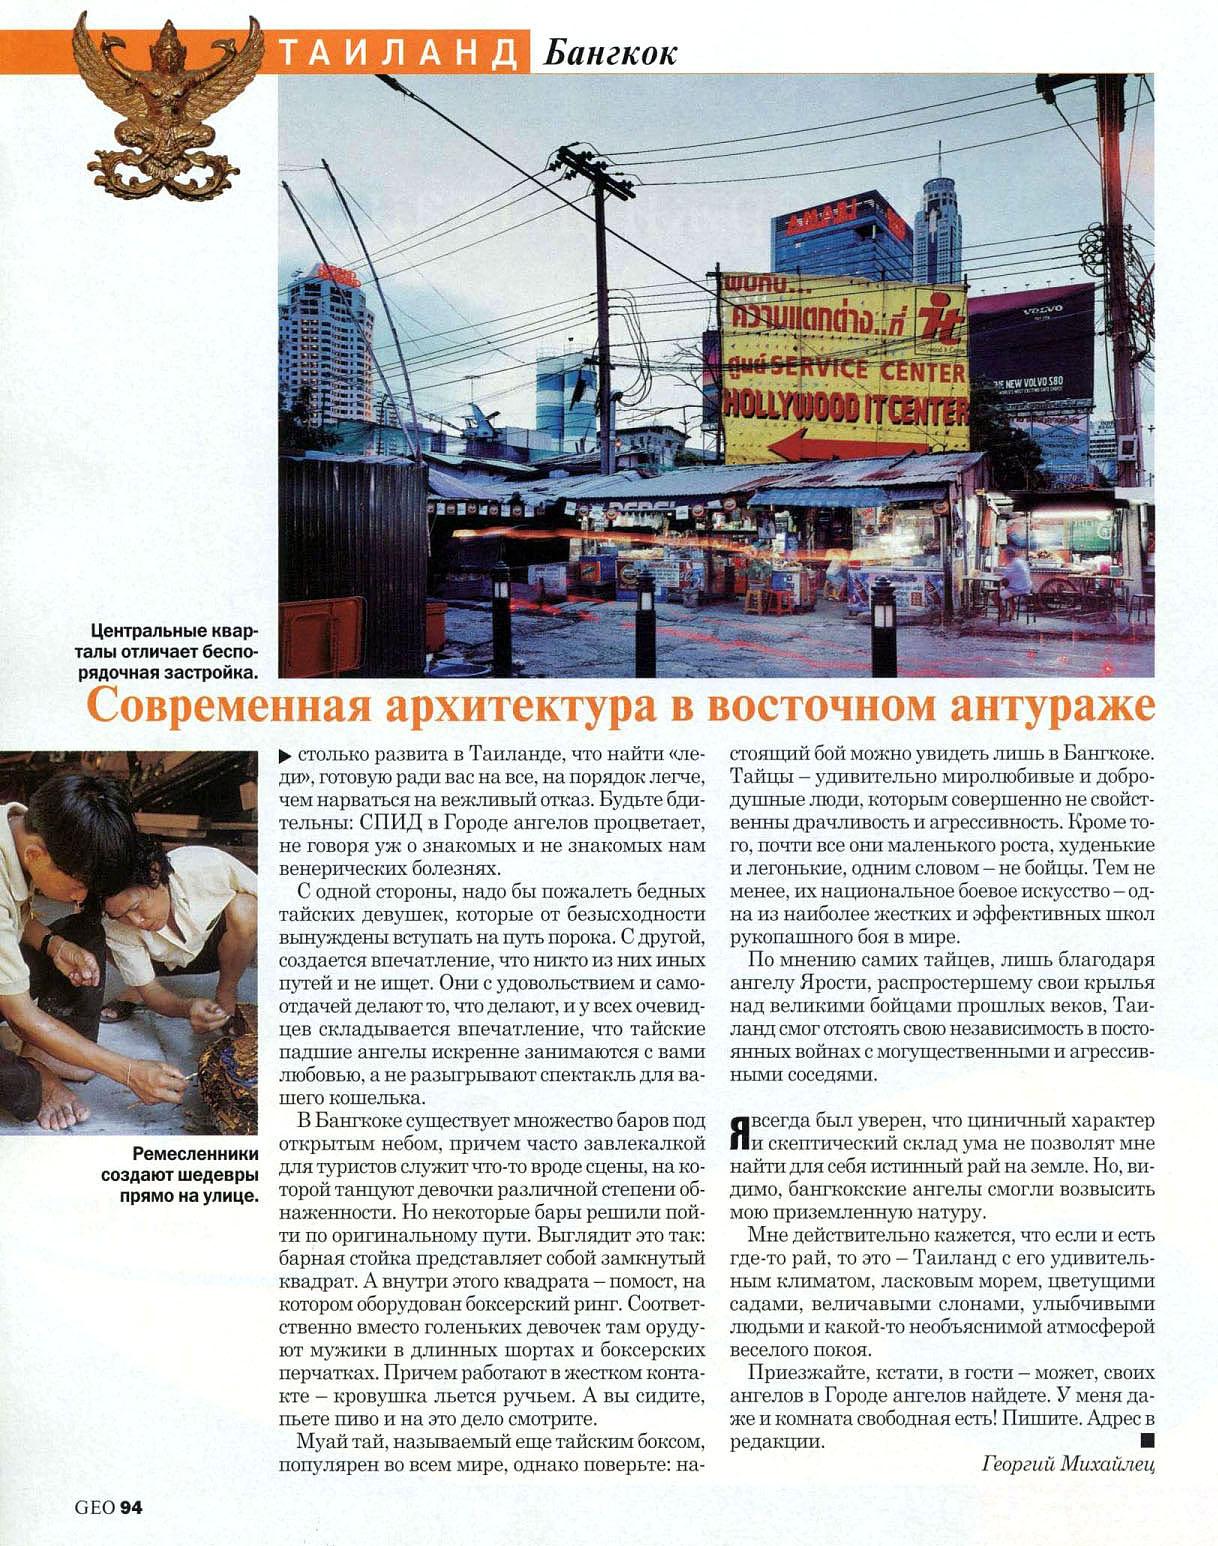 GEO-Rus_2003-03_15.jpg